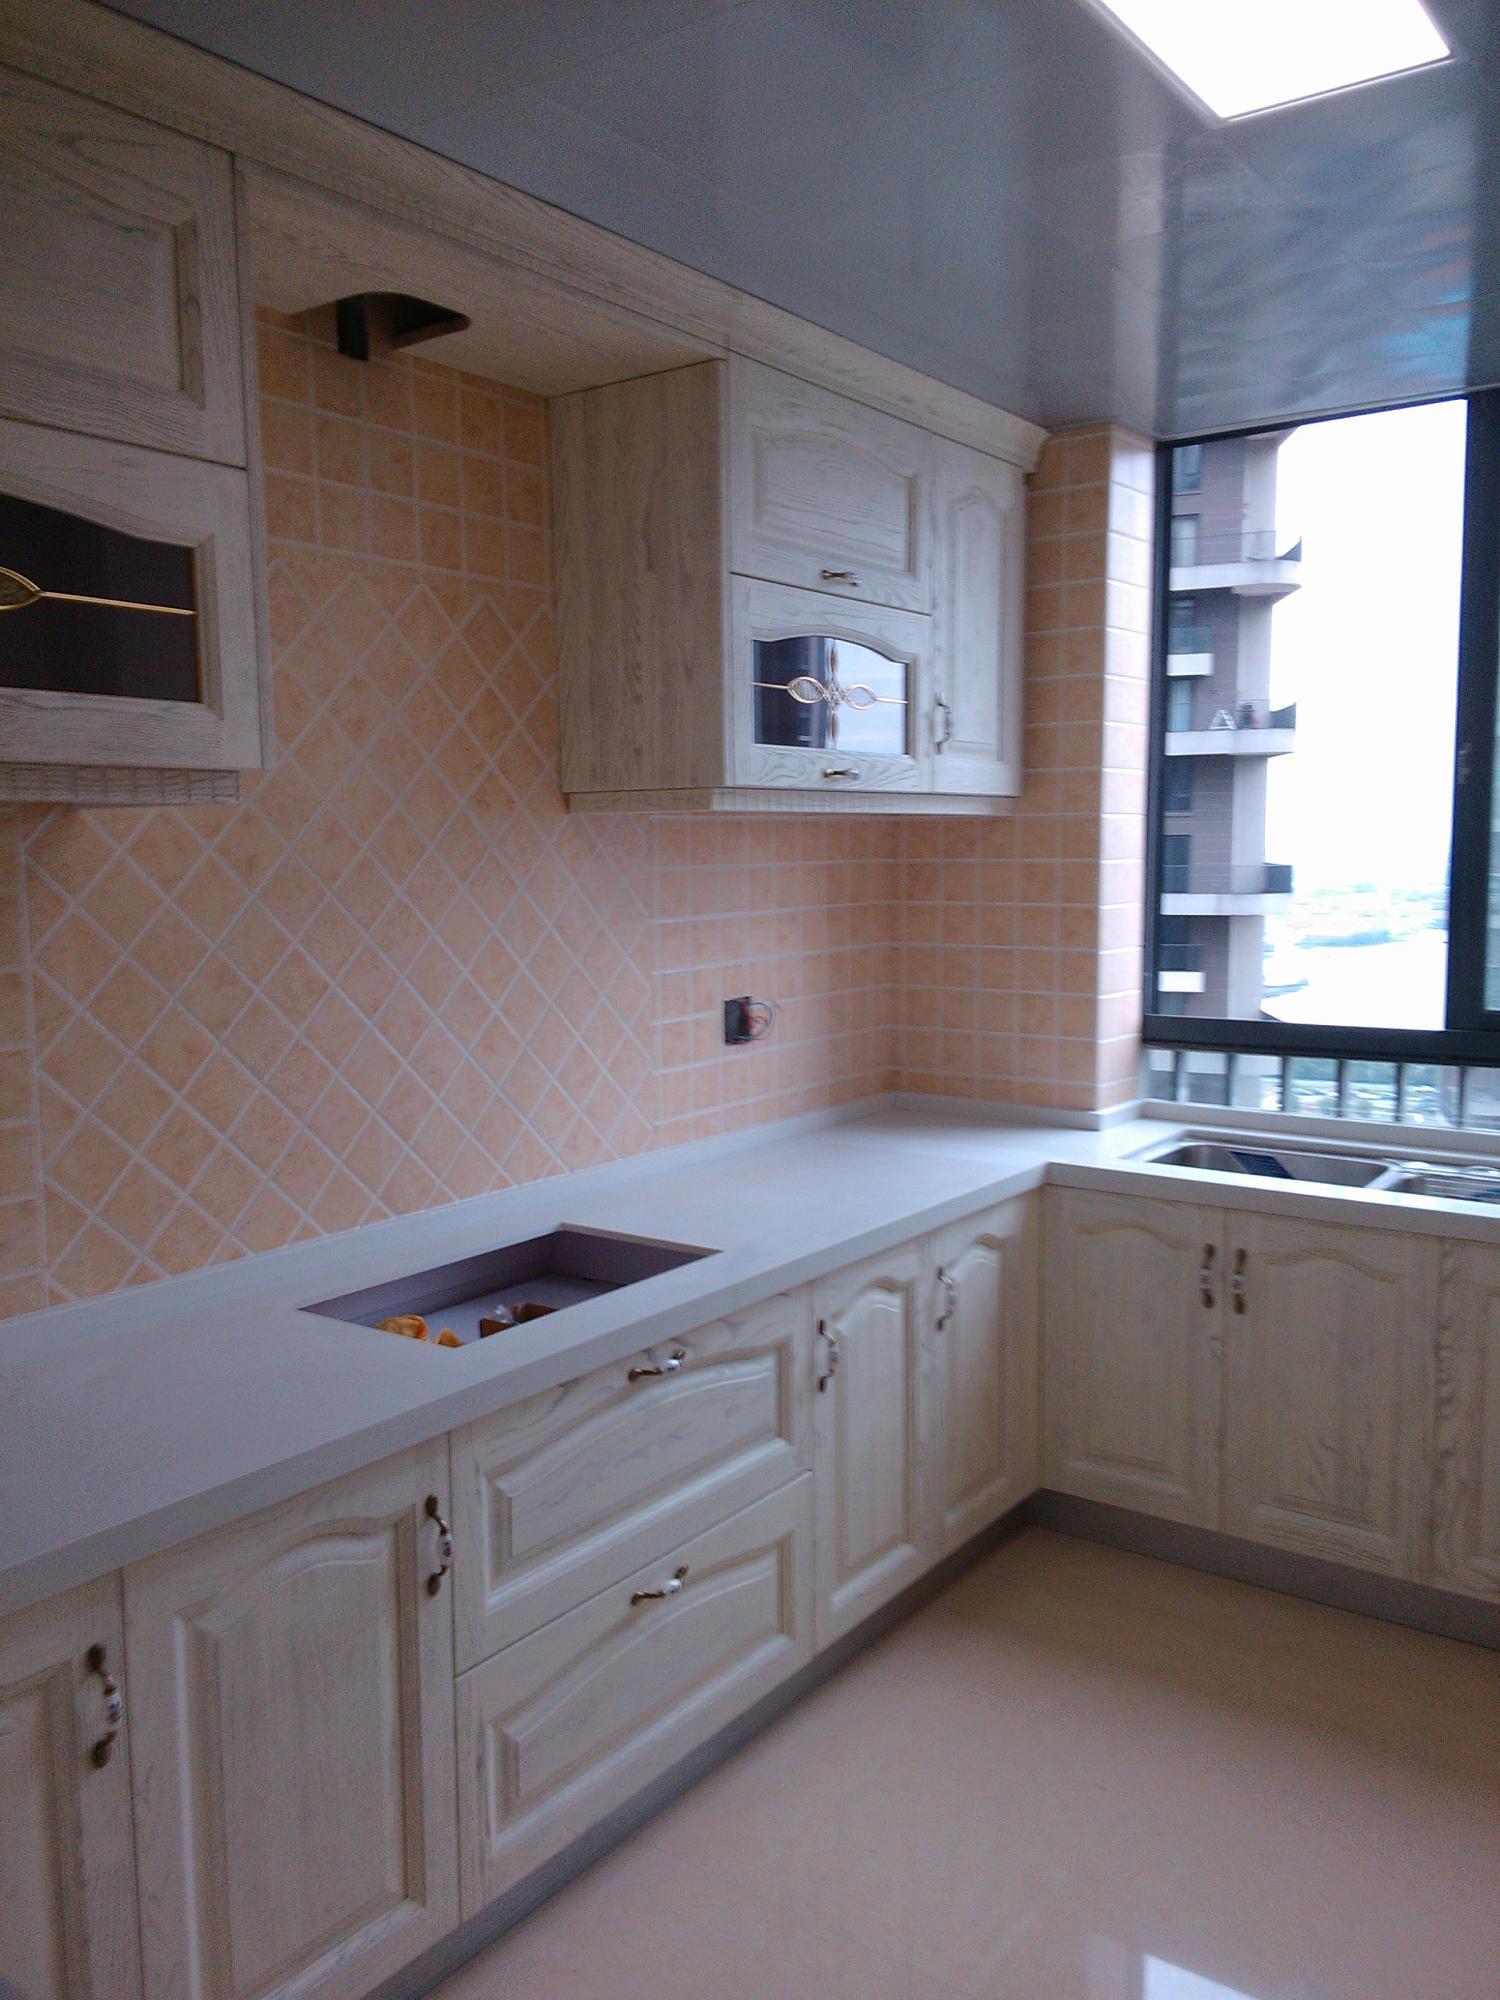 橱柜 厨房 家居 设计 装修 1500_2000 竖版 竖屏